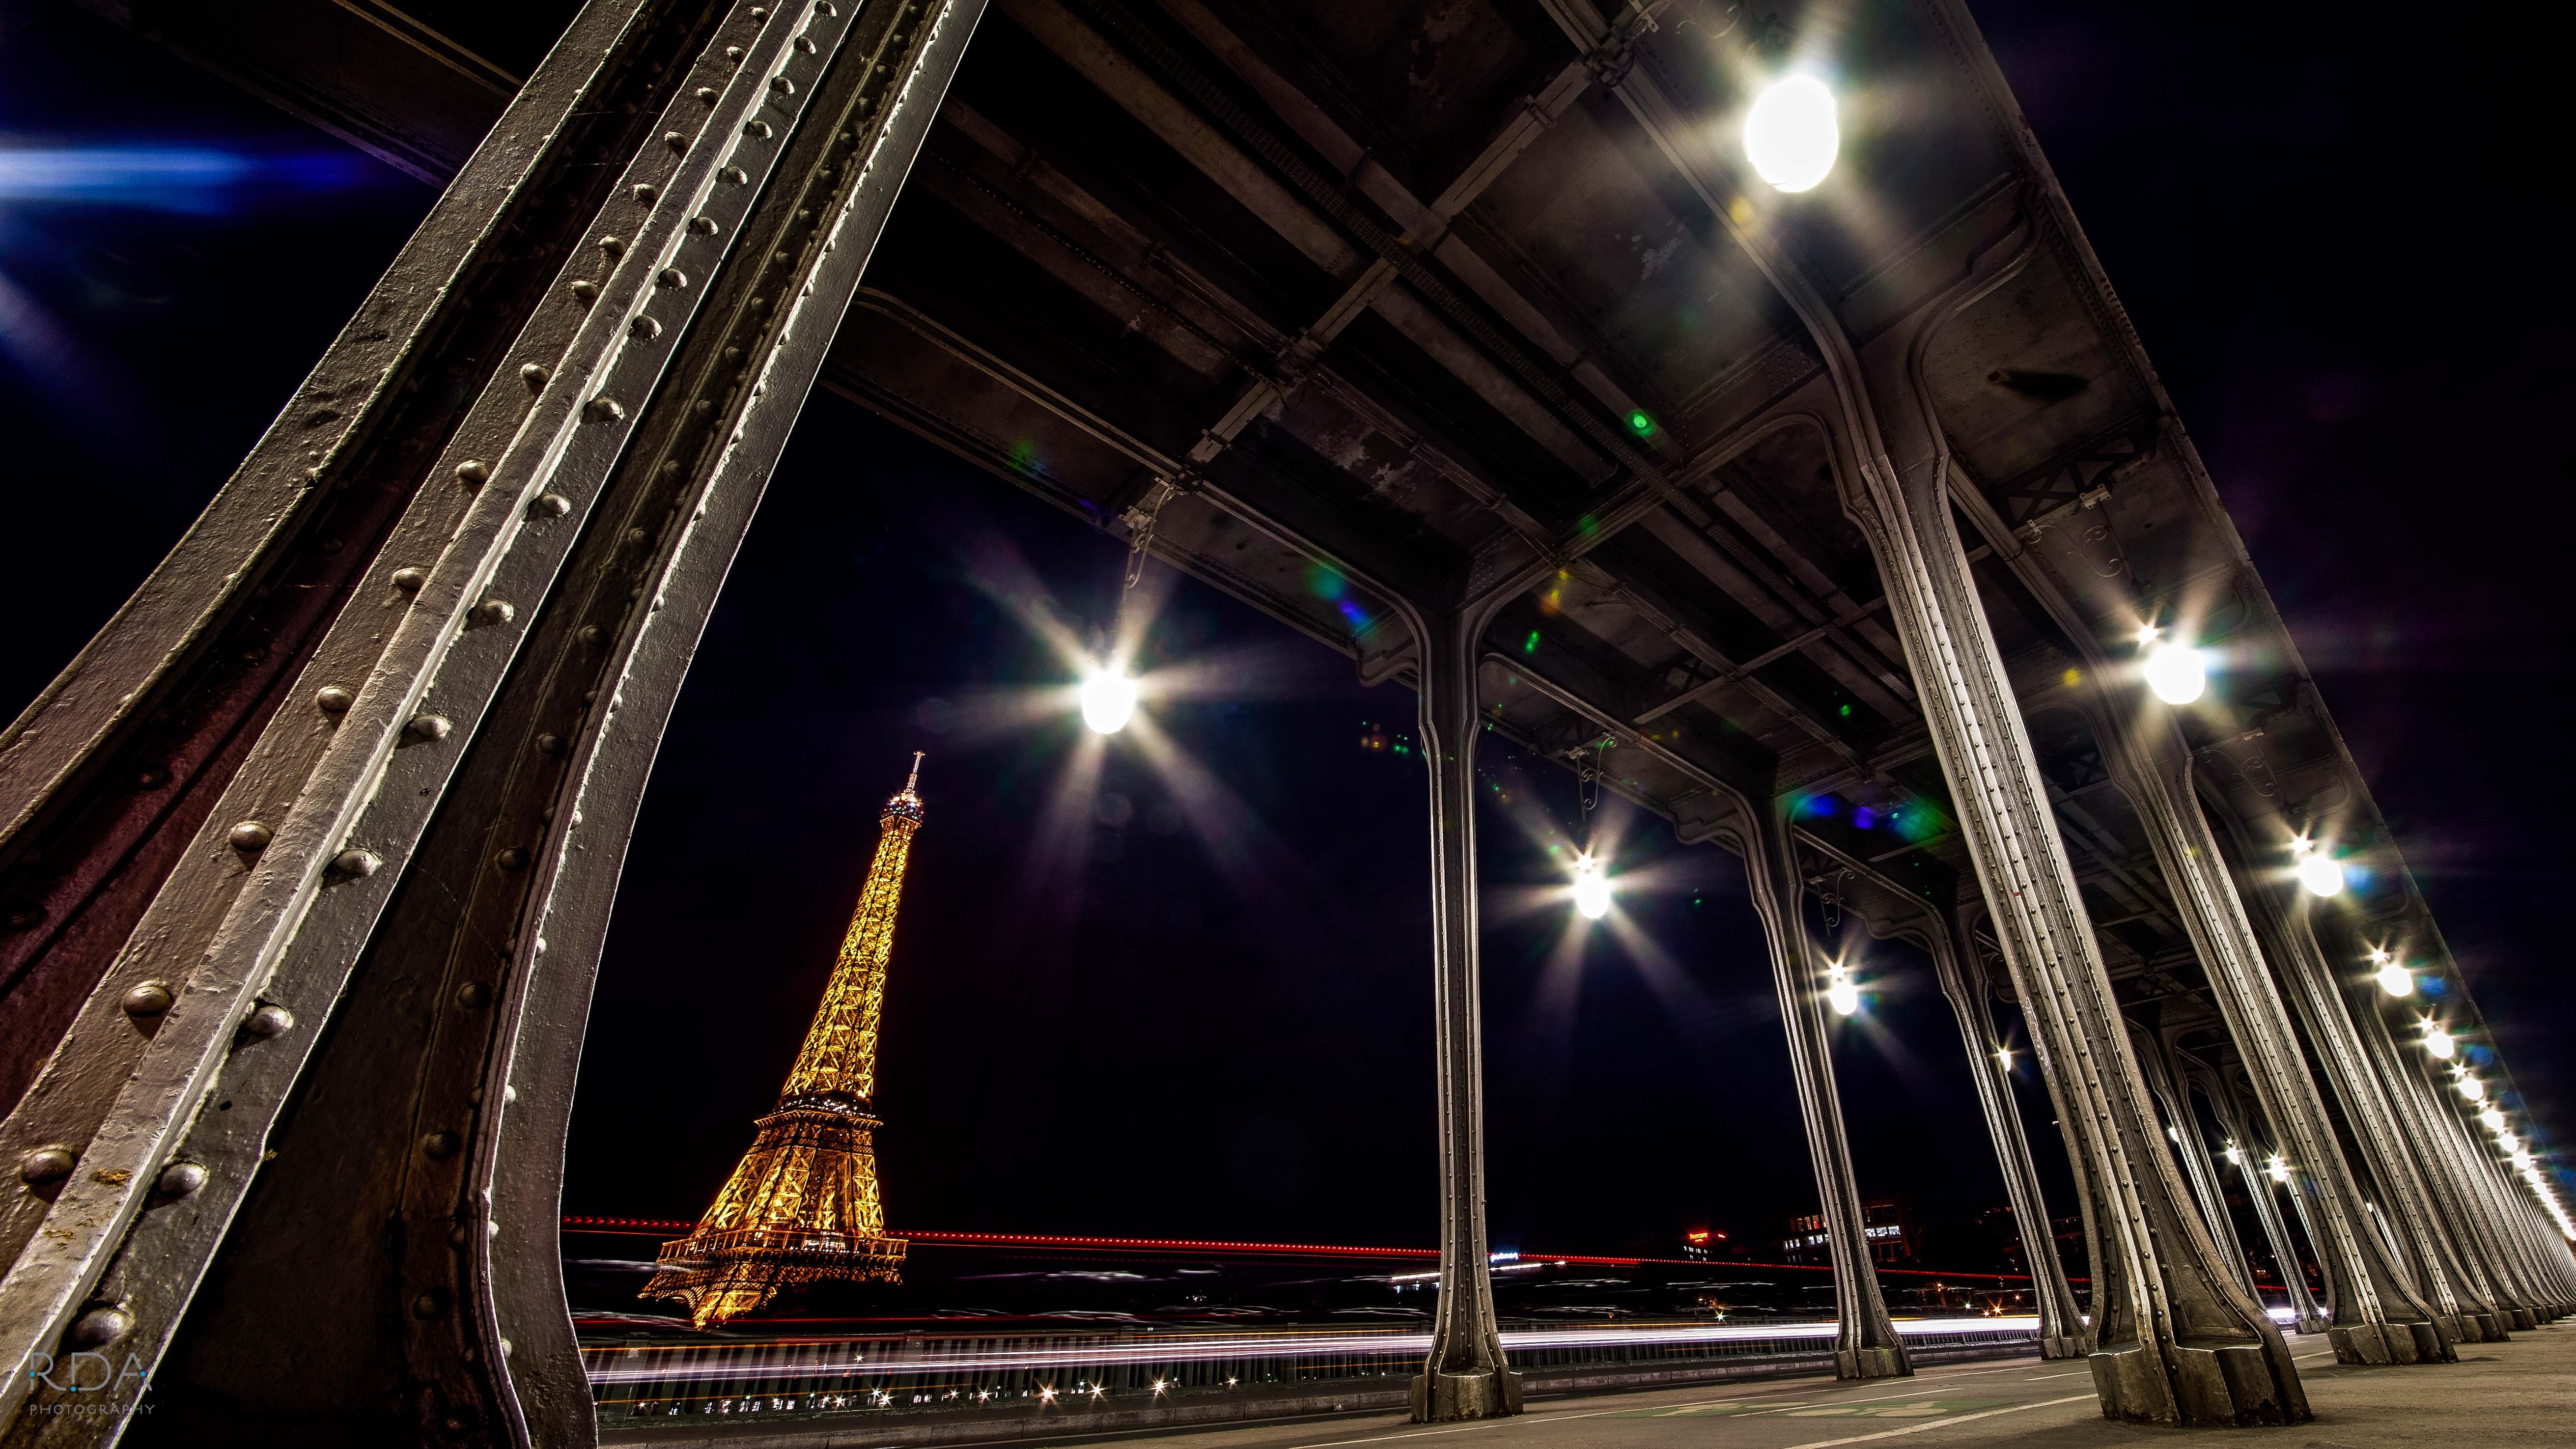 Eiffel Tower at night under bridge